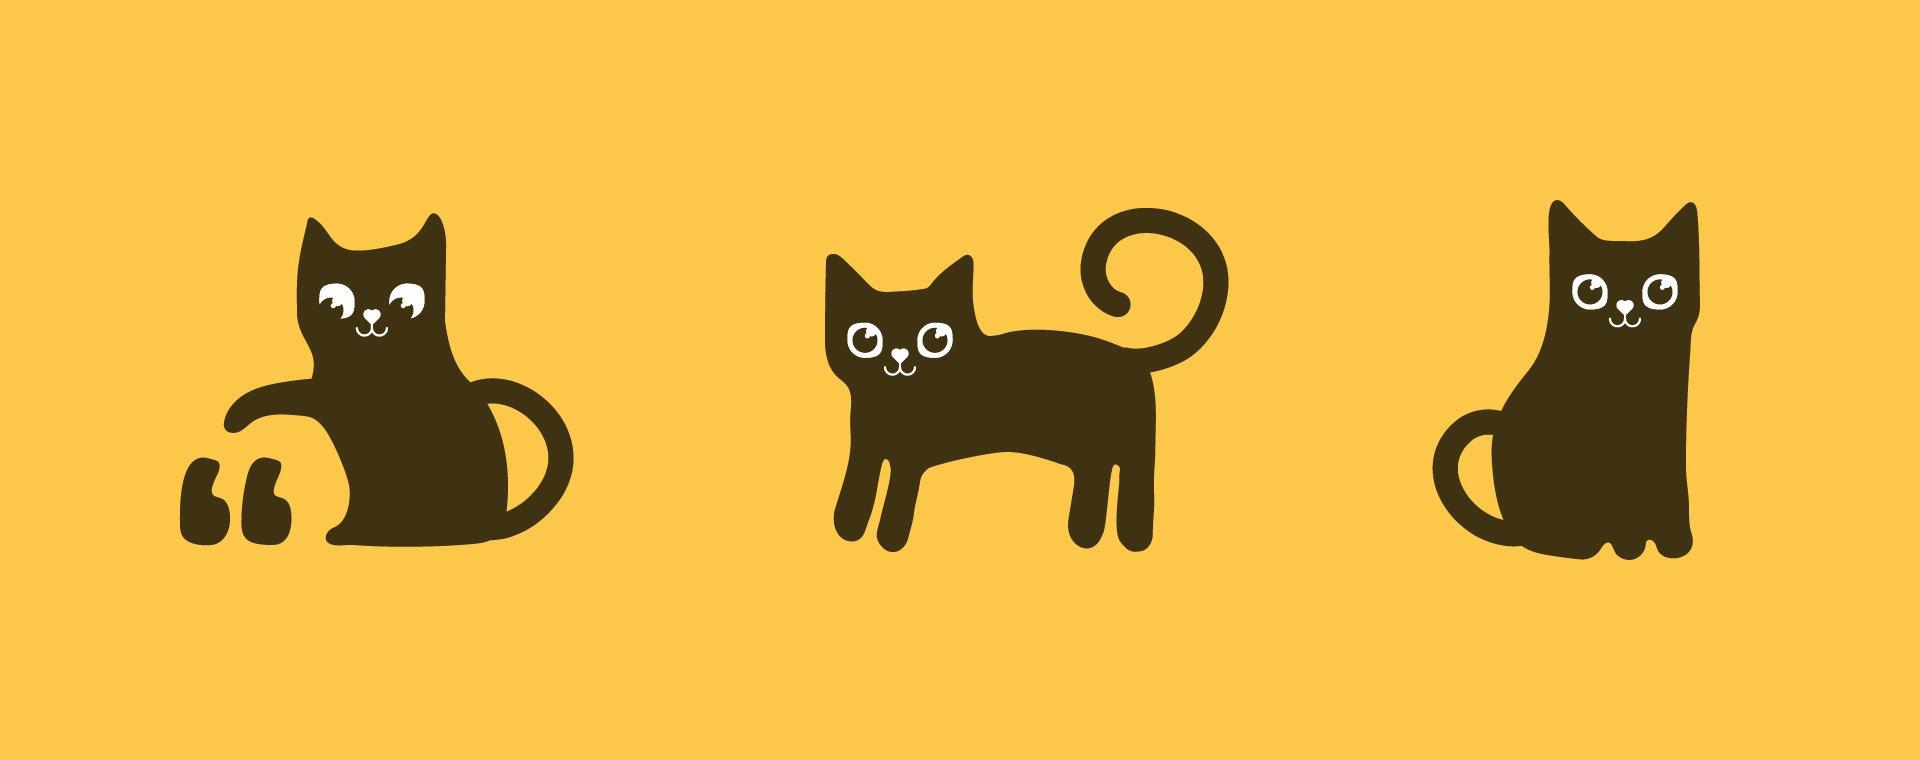 West Midlands Cat Clinic Cat Mascot